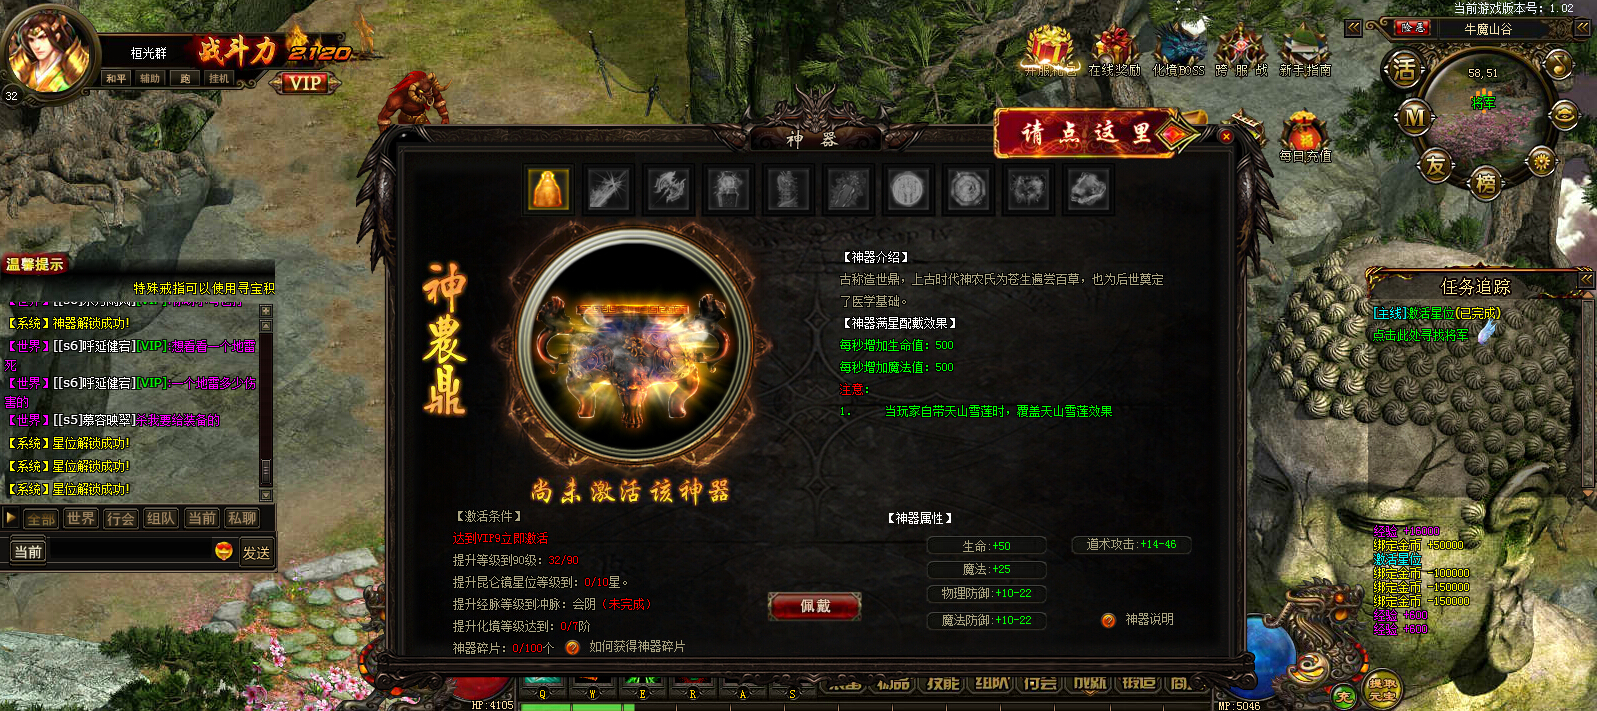 《天途》游戏截图